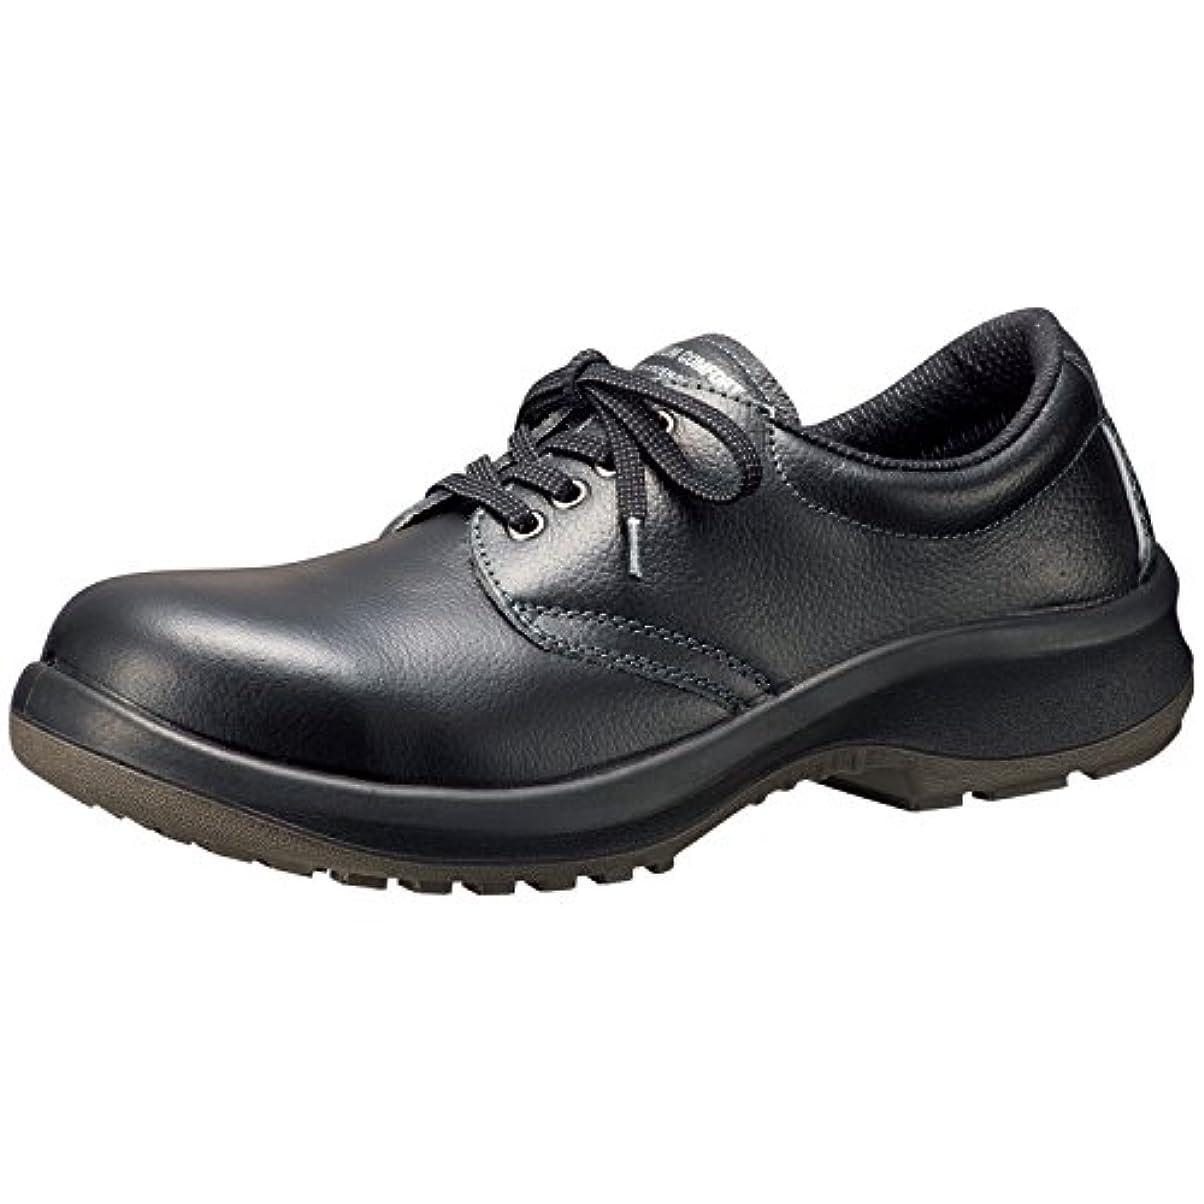 平等気怠い提唱するミドリ安全 安全靴 プレミアムコンフォ?トシリ?ズ PRM210 24.0cm PRM210-24.0 安全靴(短靴?JIS規格品)